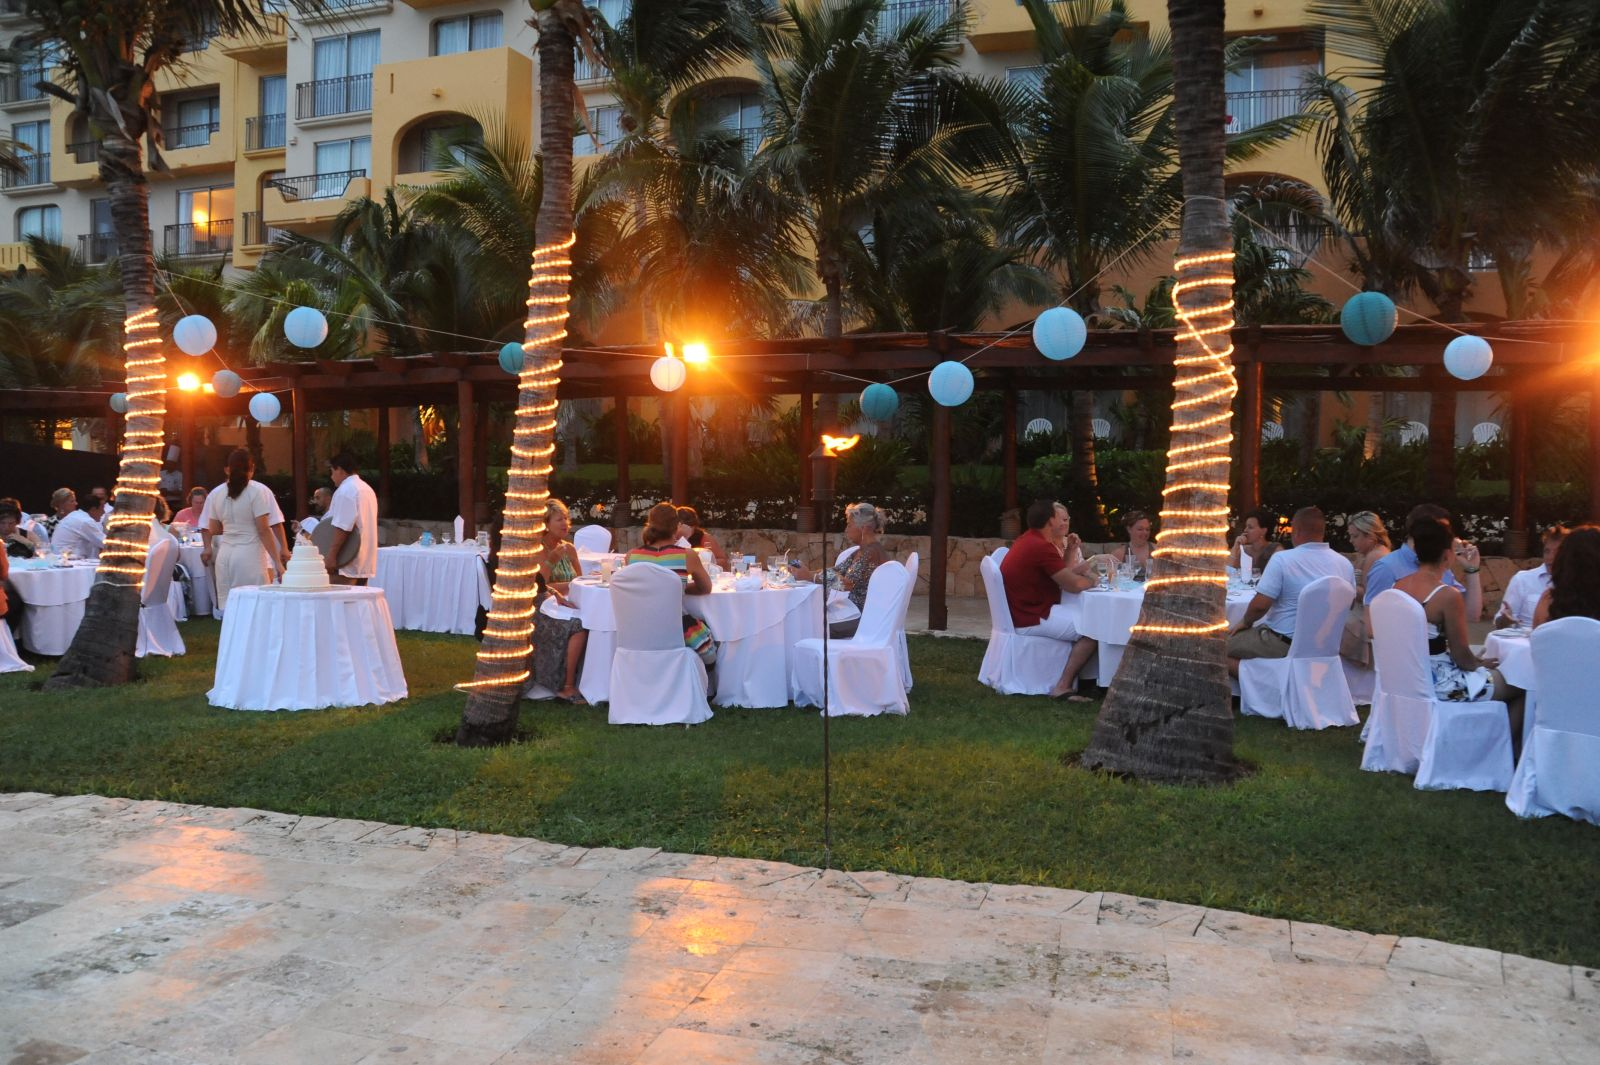 Fiesta Americana Condesa Cancun Brides